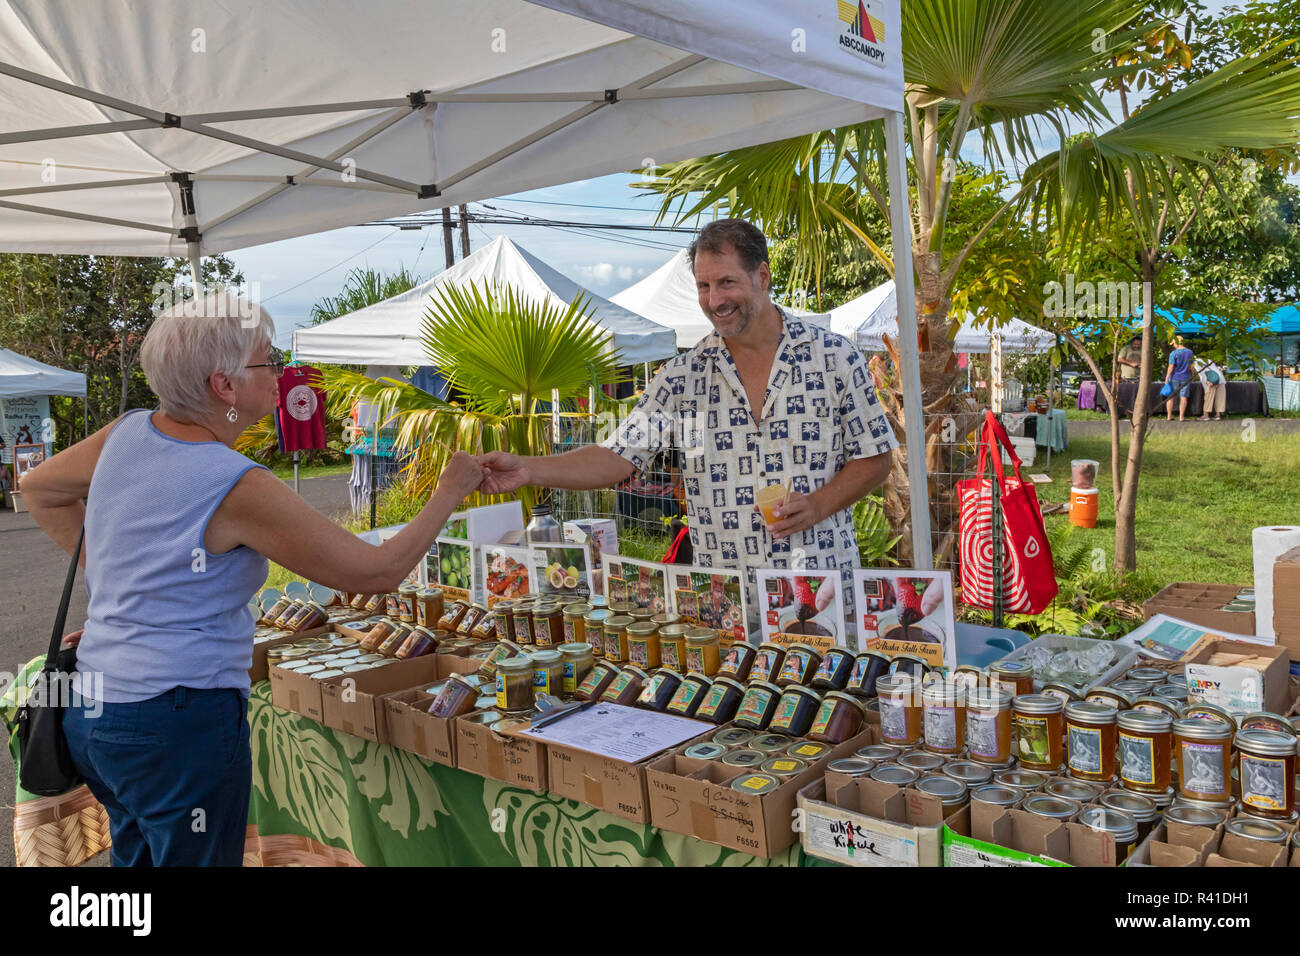 Il capitano Cook, Hawaii - un fornitore offre un assaggio di localmente-cresciute marmellata alla pura Kona Green Market. Immagini Stock